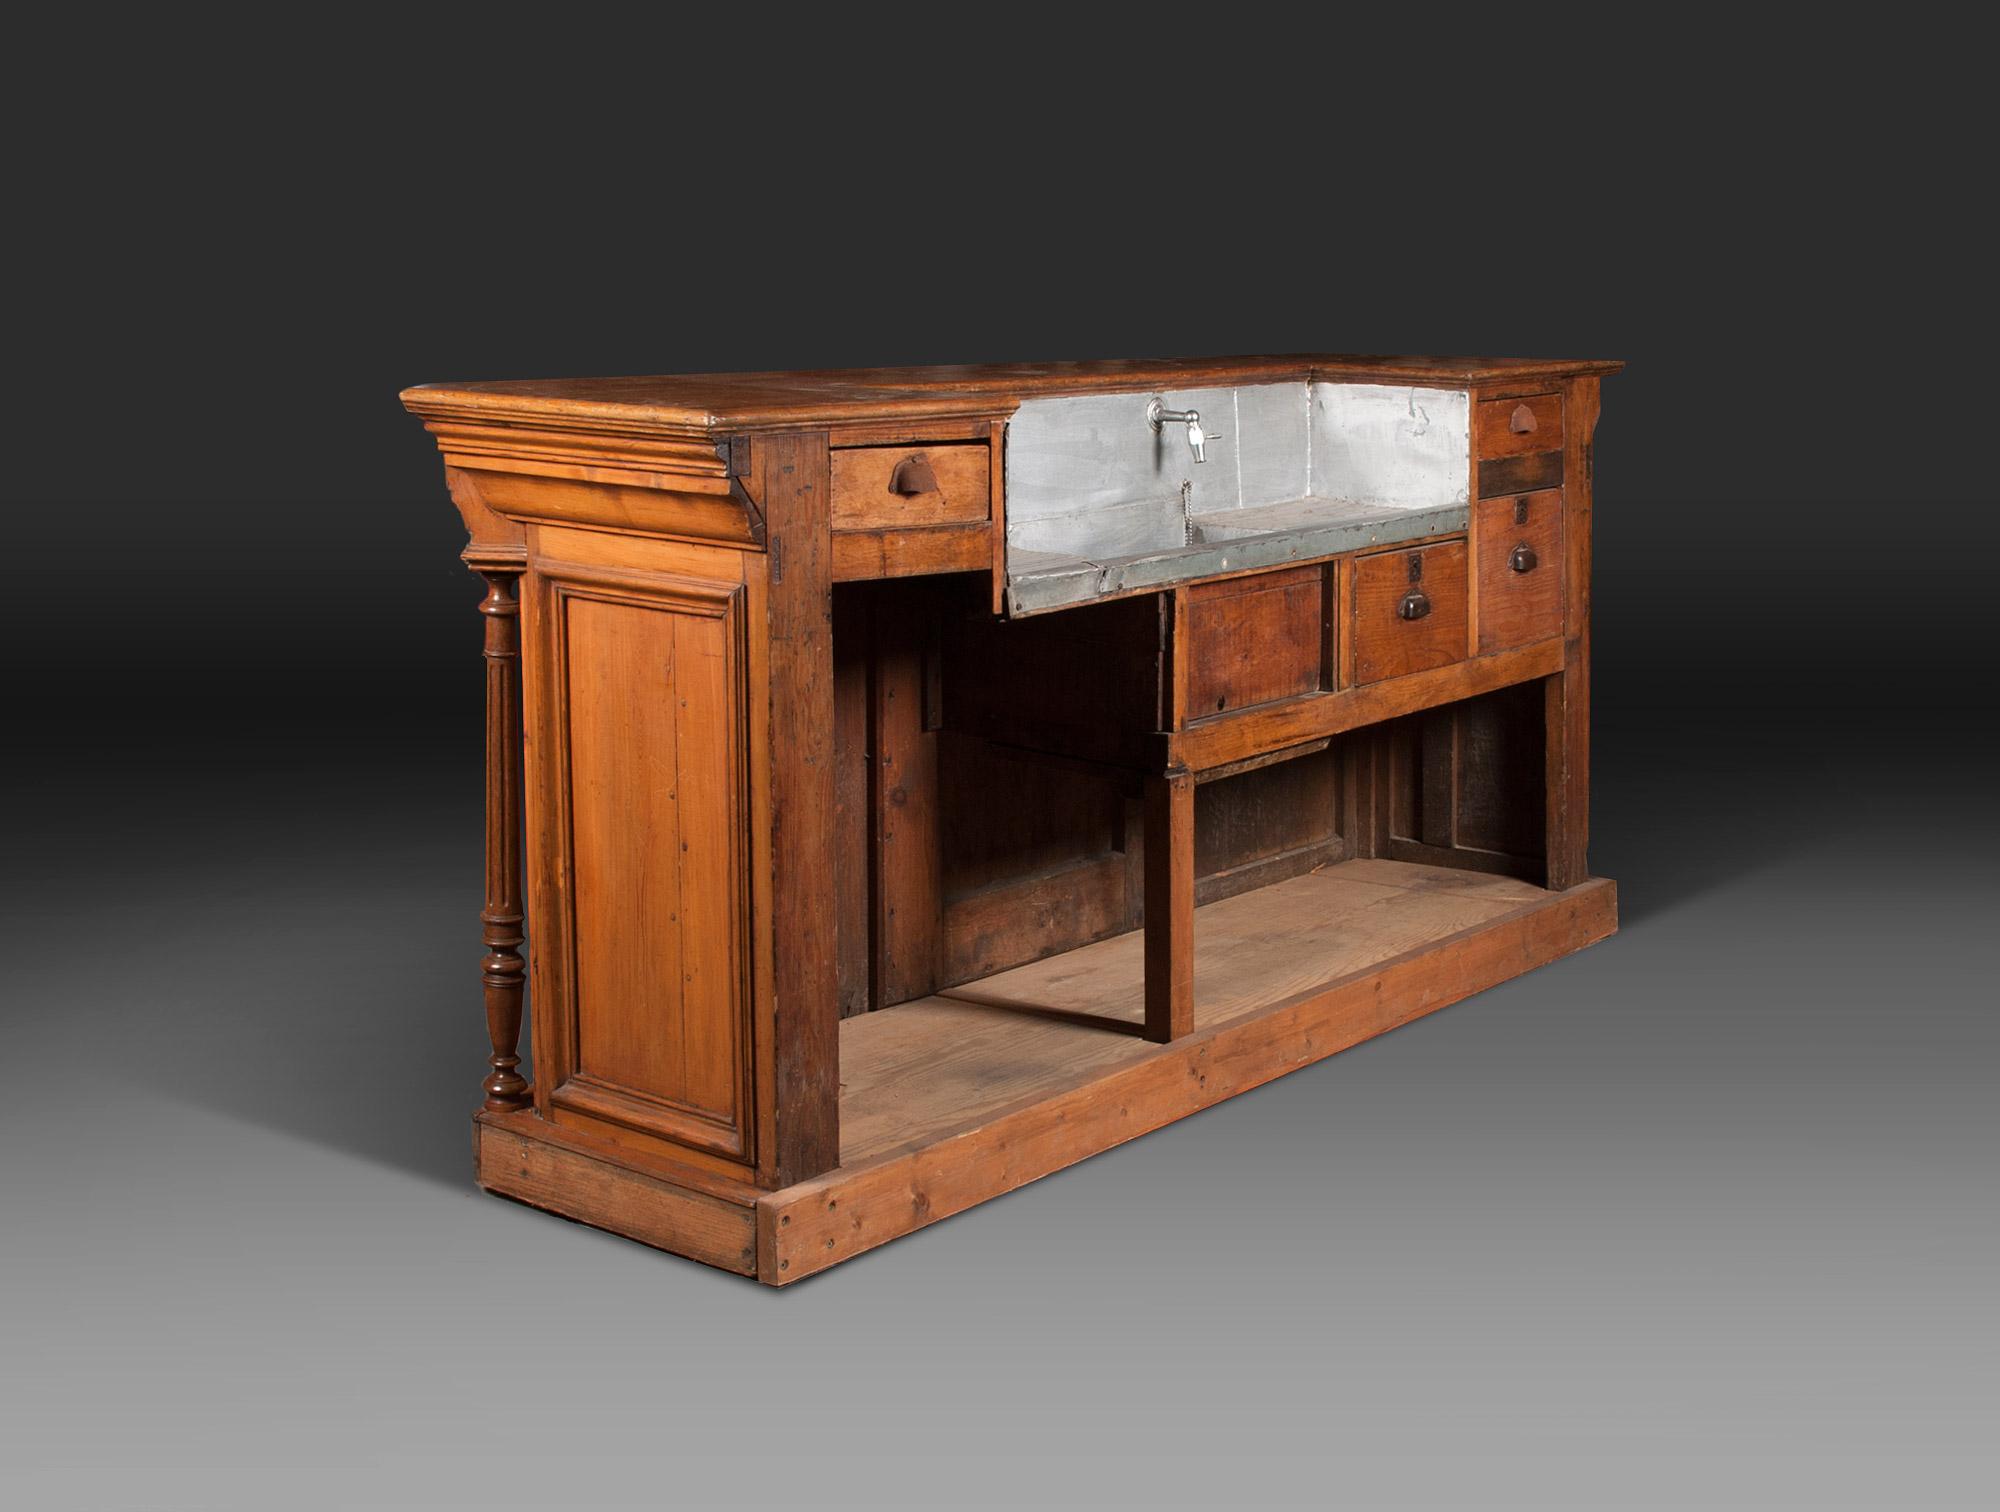 etag re d 39 arri re de bar soubrier louer rangements. Black Bedroom Furniture Sets. Home Design Ideas